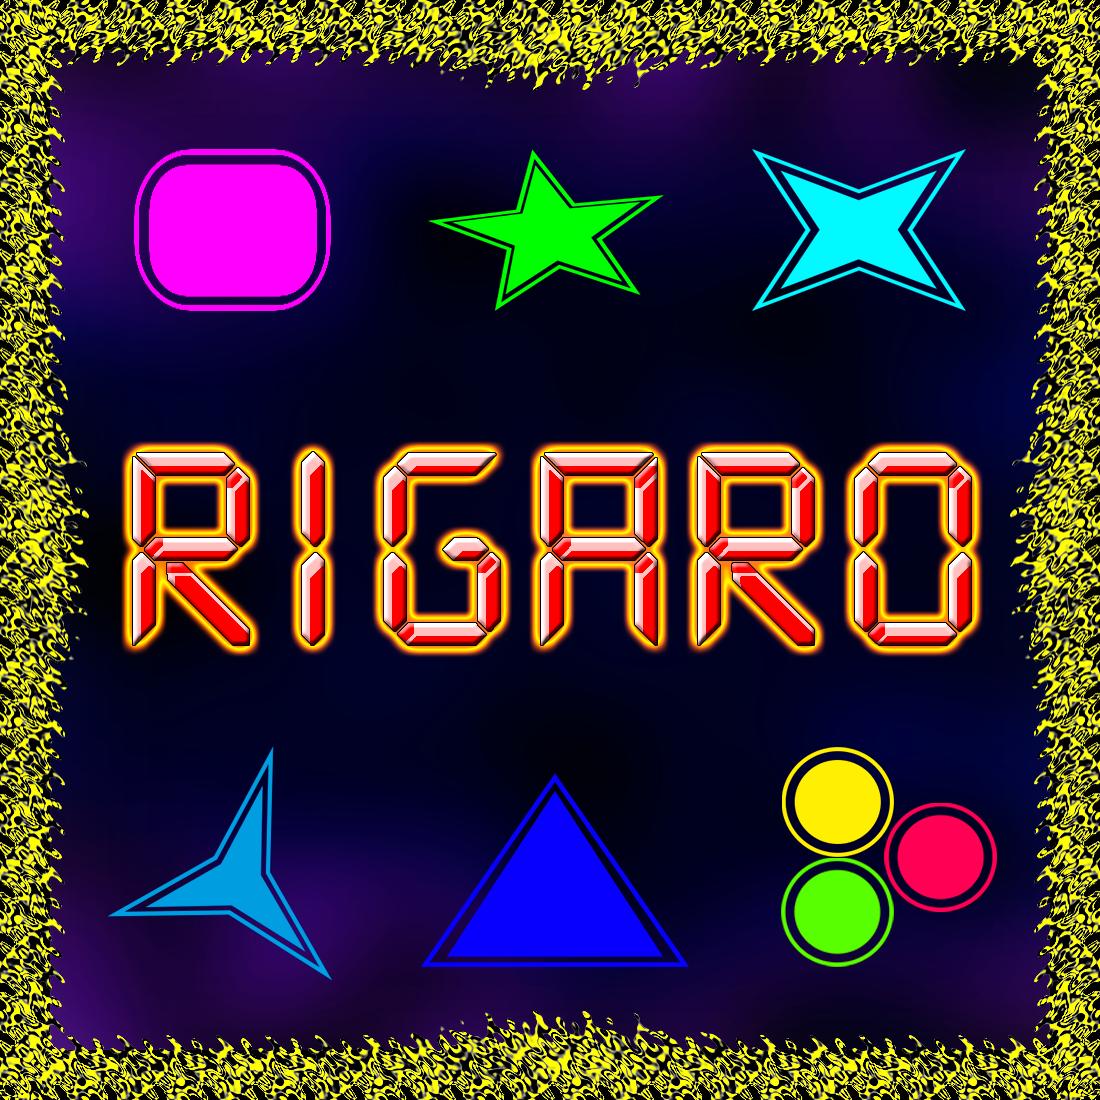 Rigaro, trata de esquivar las figuras geométricas y coger los círculos para aumentar los puntos.